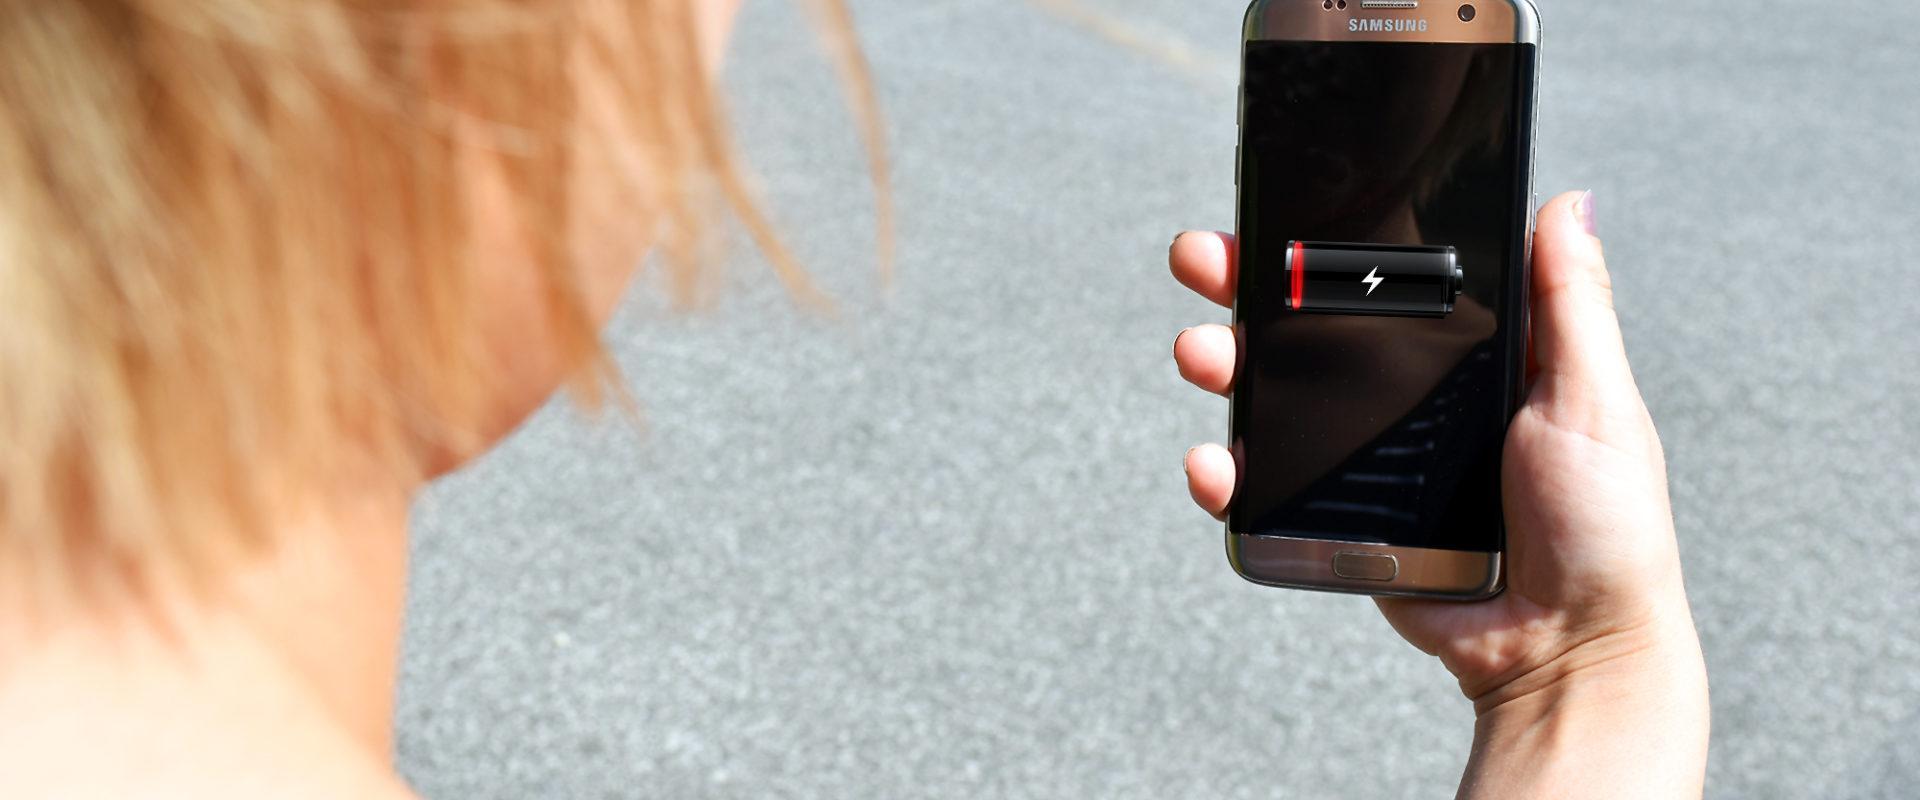 EinhausBlog | Themen & Produkttests rund um die mobile Elektronik